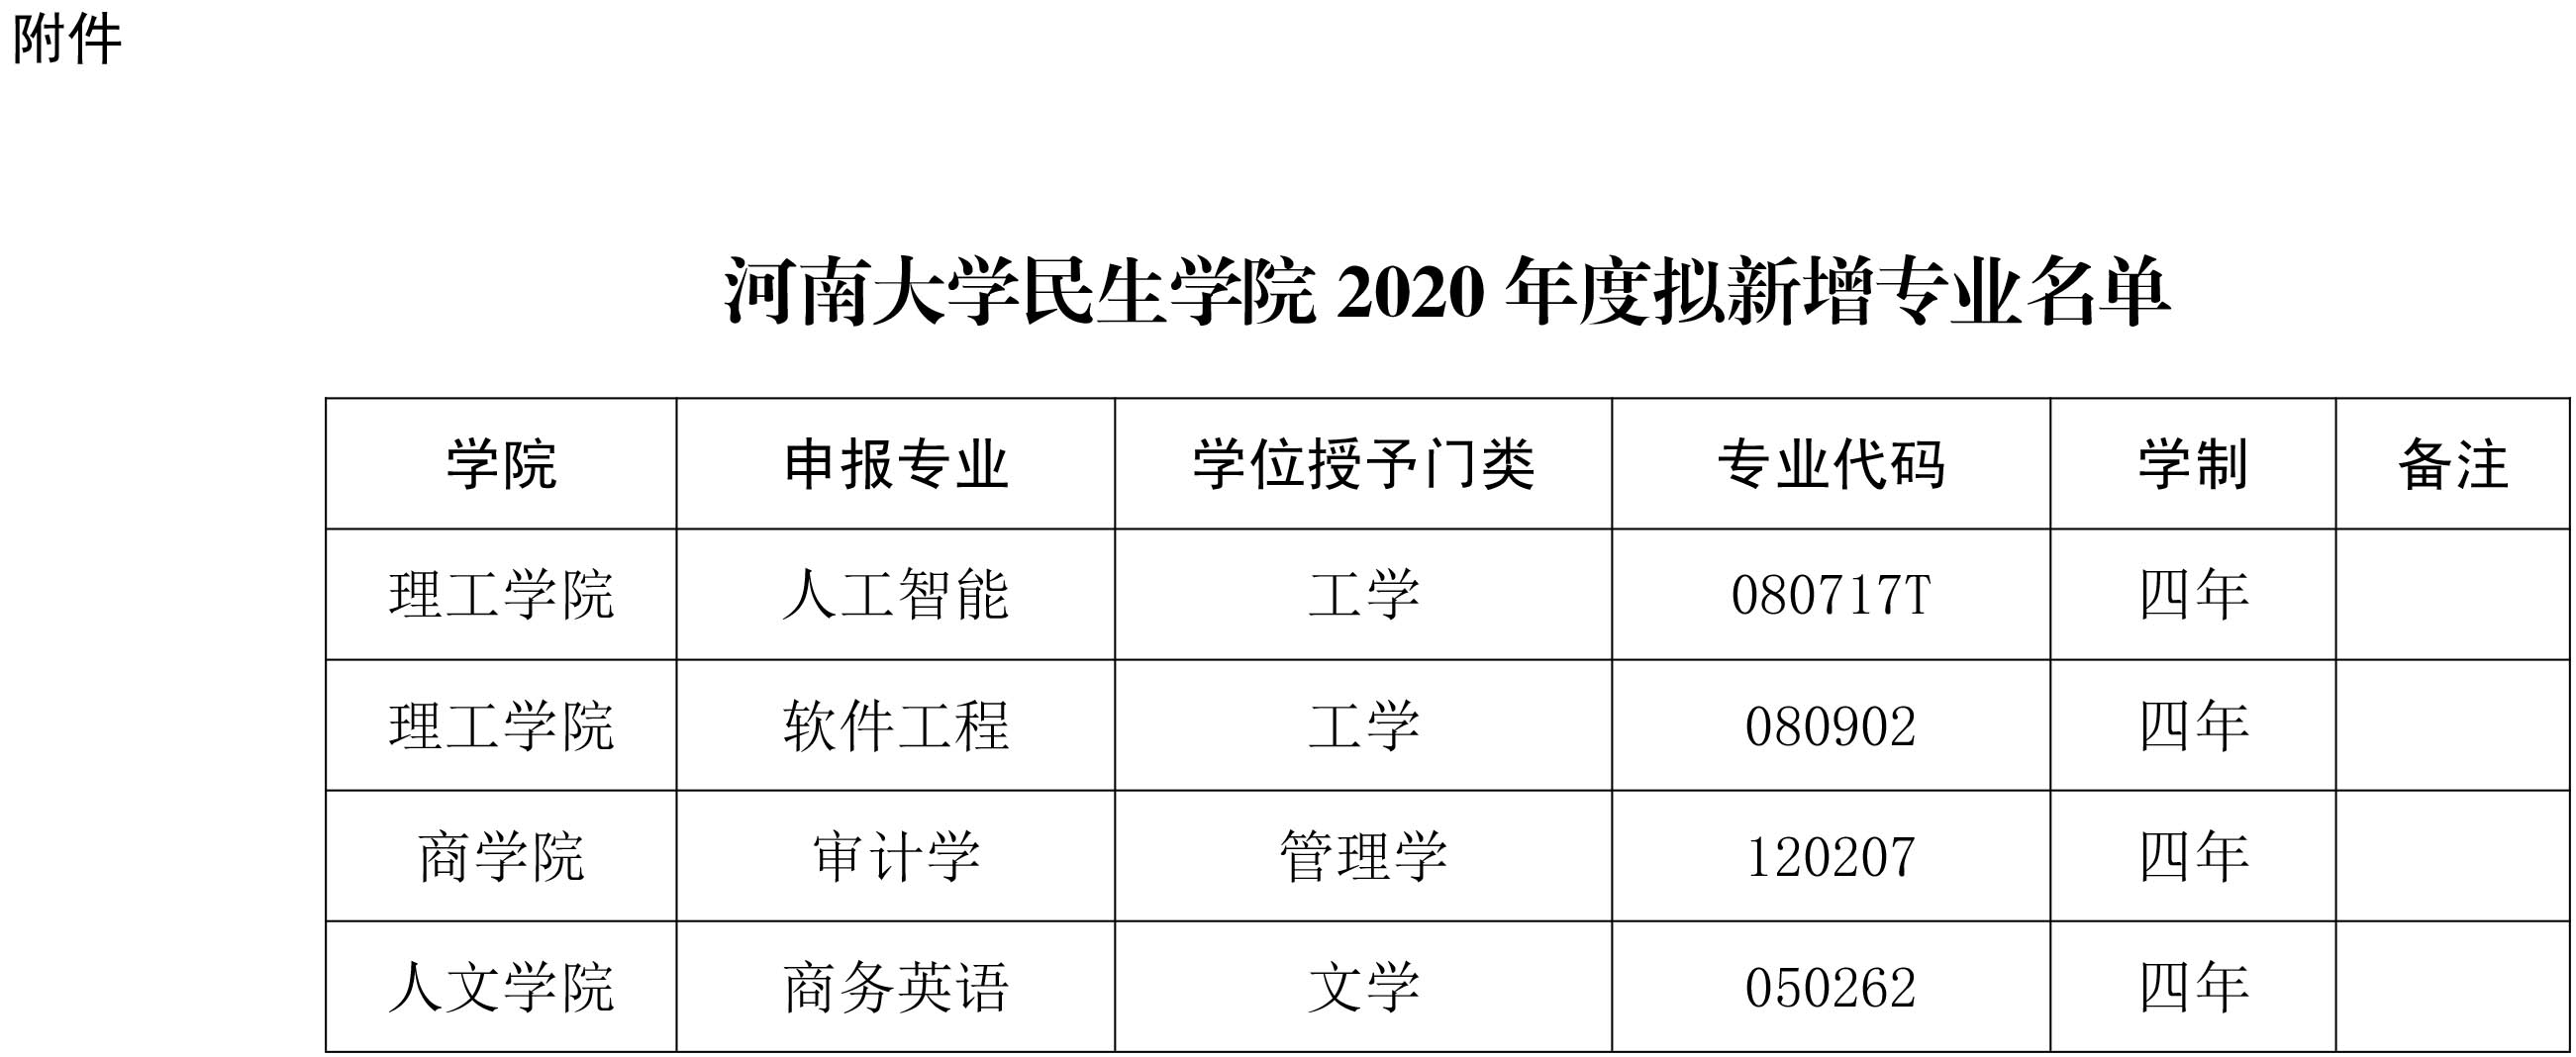 民生学院yb体育2020年度拟新增专业的公示